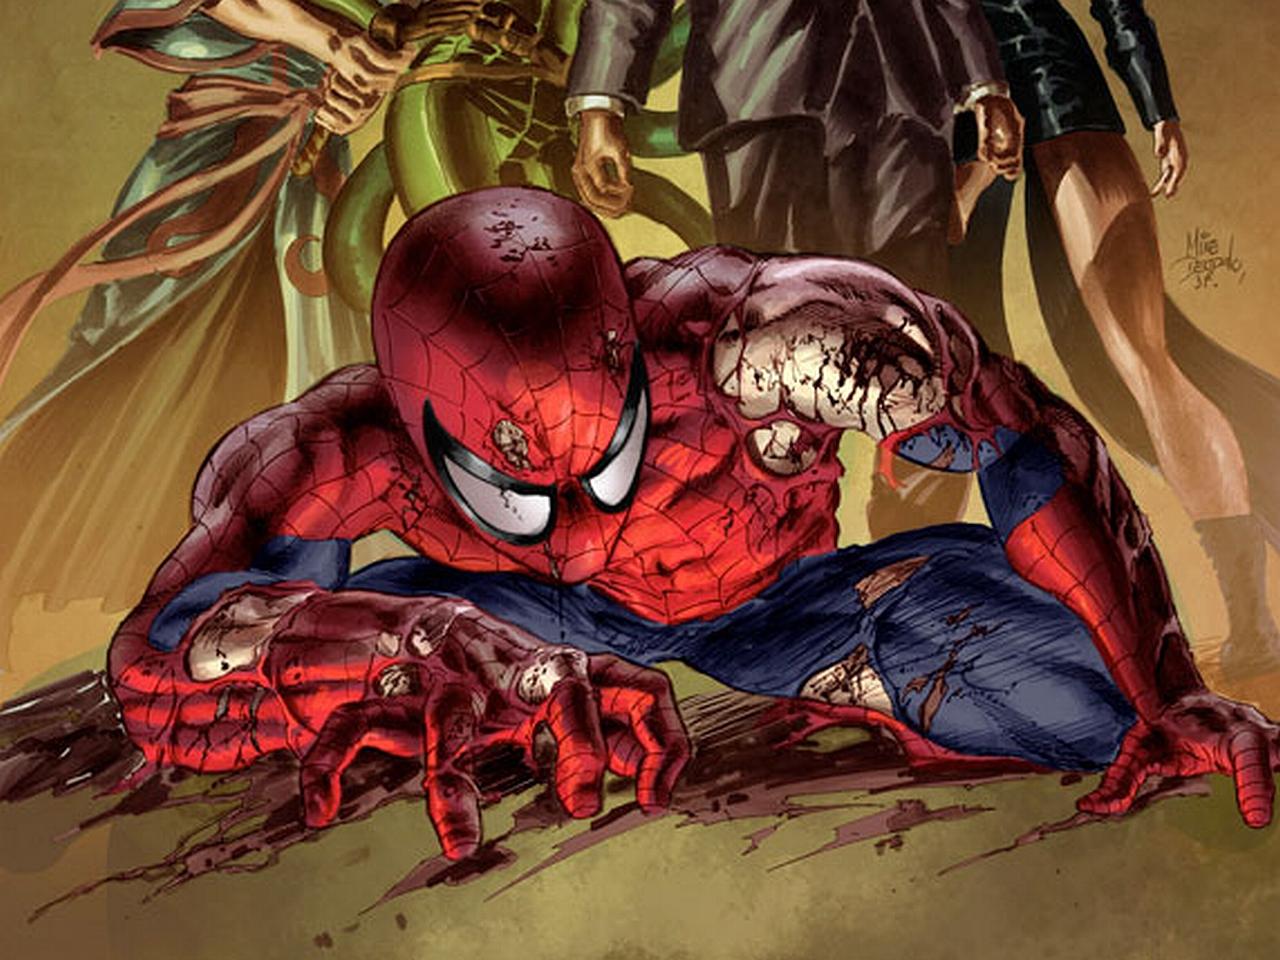 Premiers avis et critiques, le film fait l'unanimité — Spider-Man Homecoming